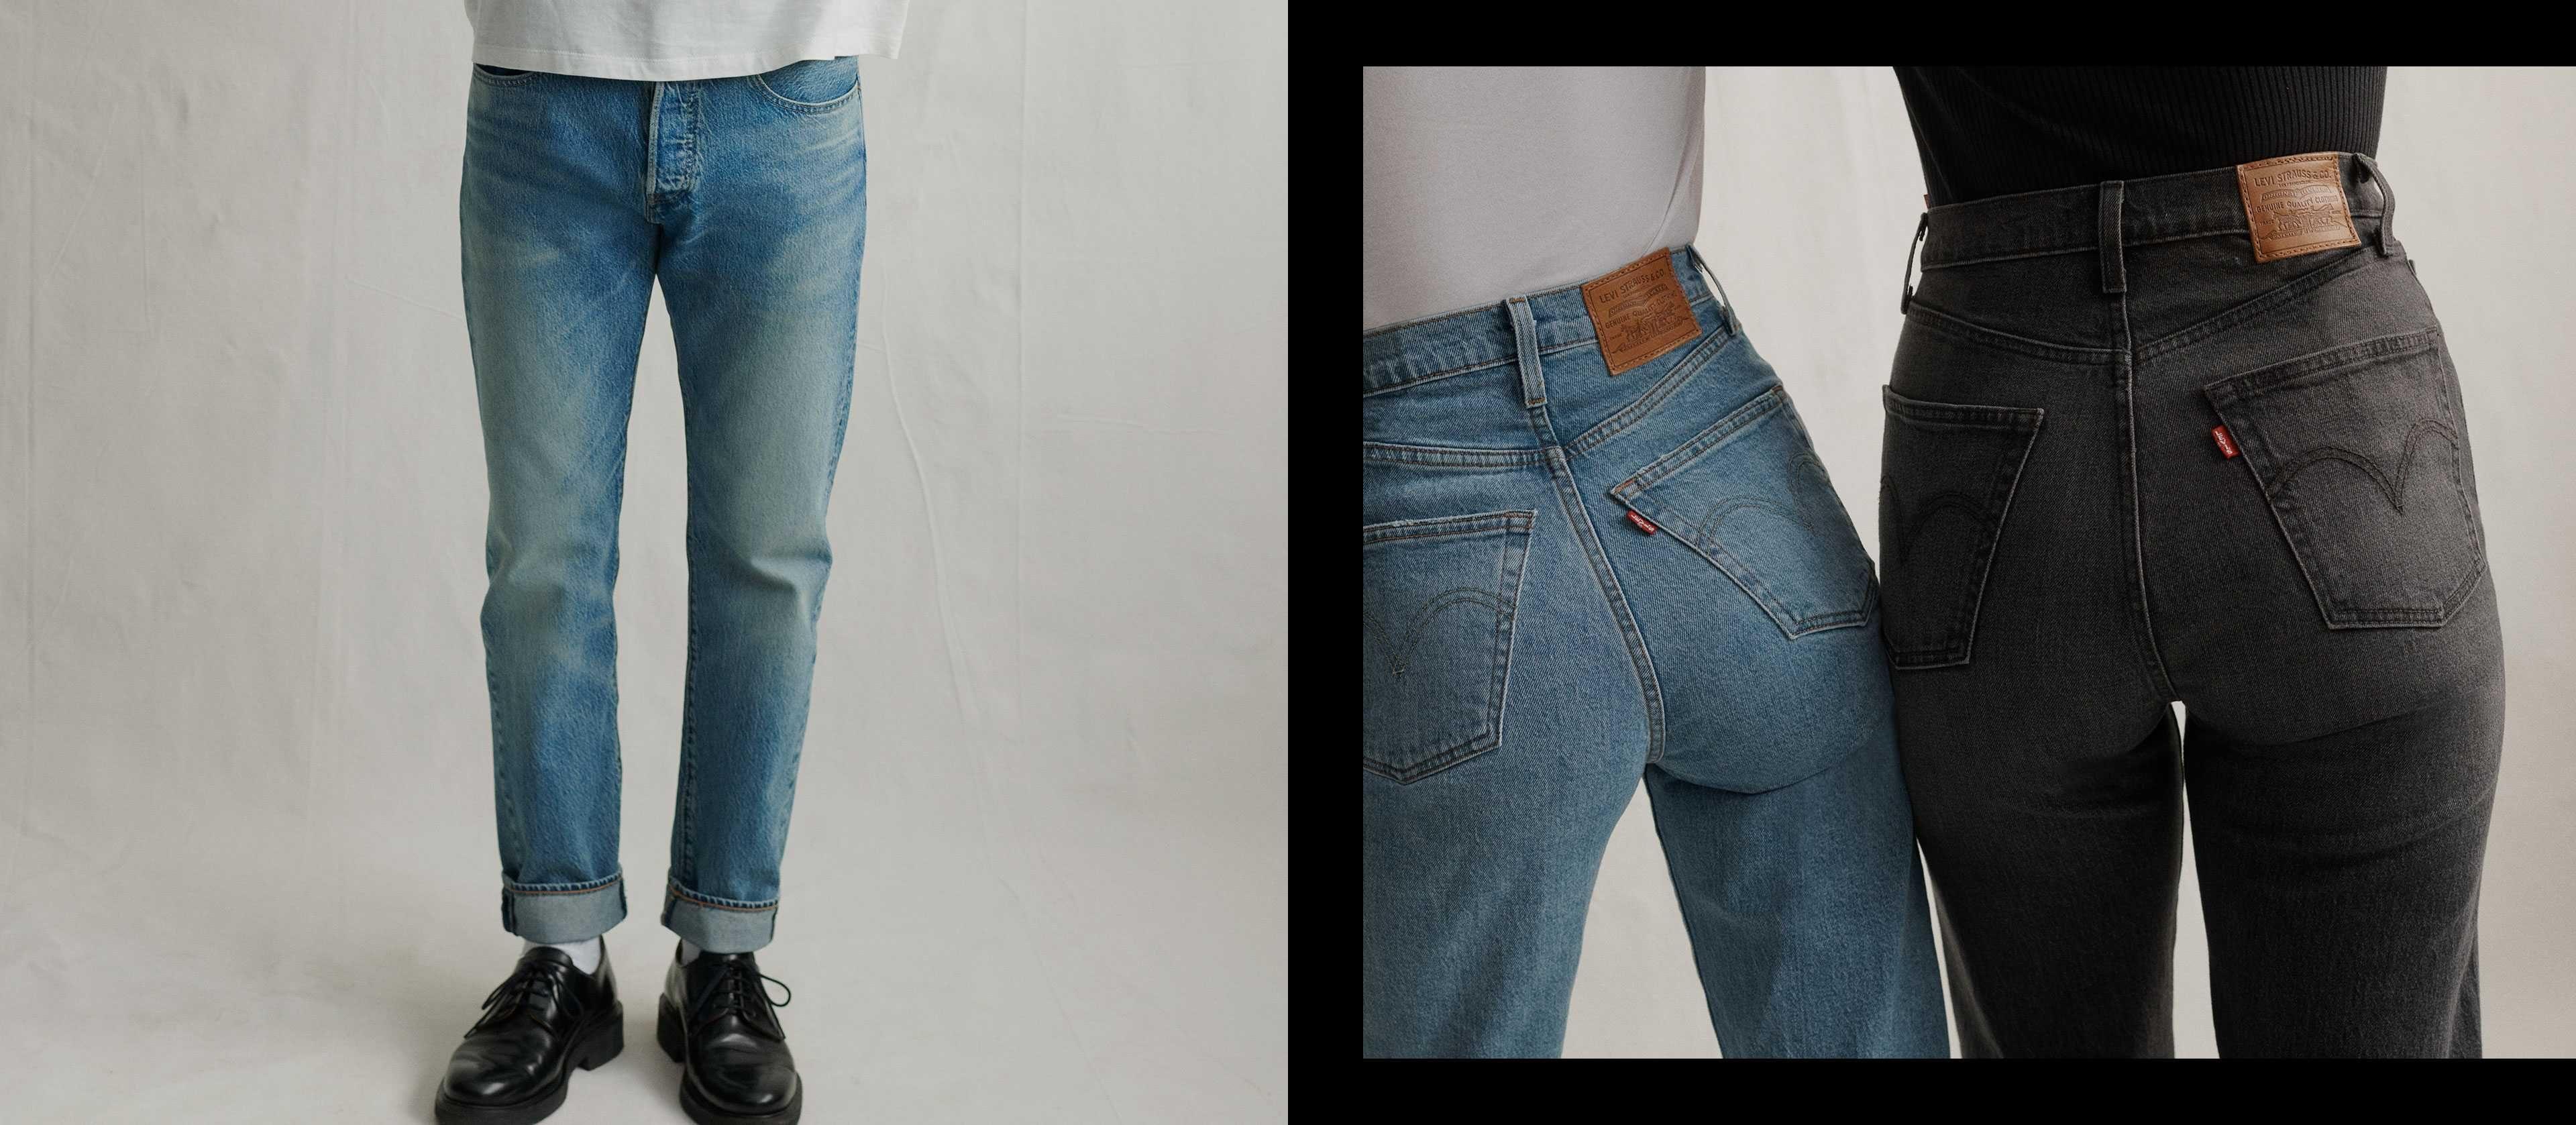 Lit 2 Places Bois Le Luxe Jeans Denim Jackets & Clothing